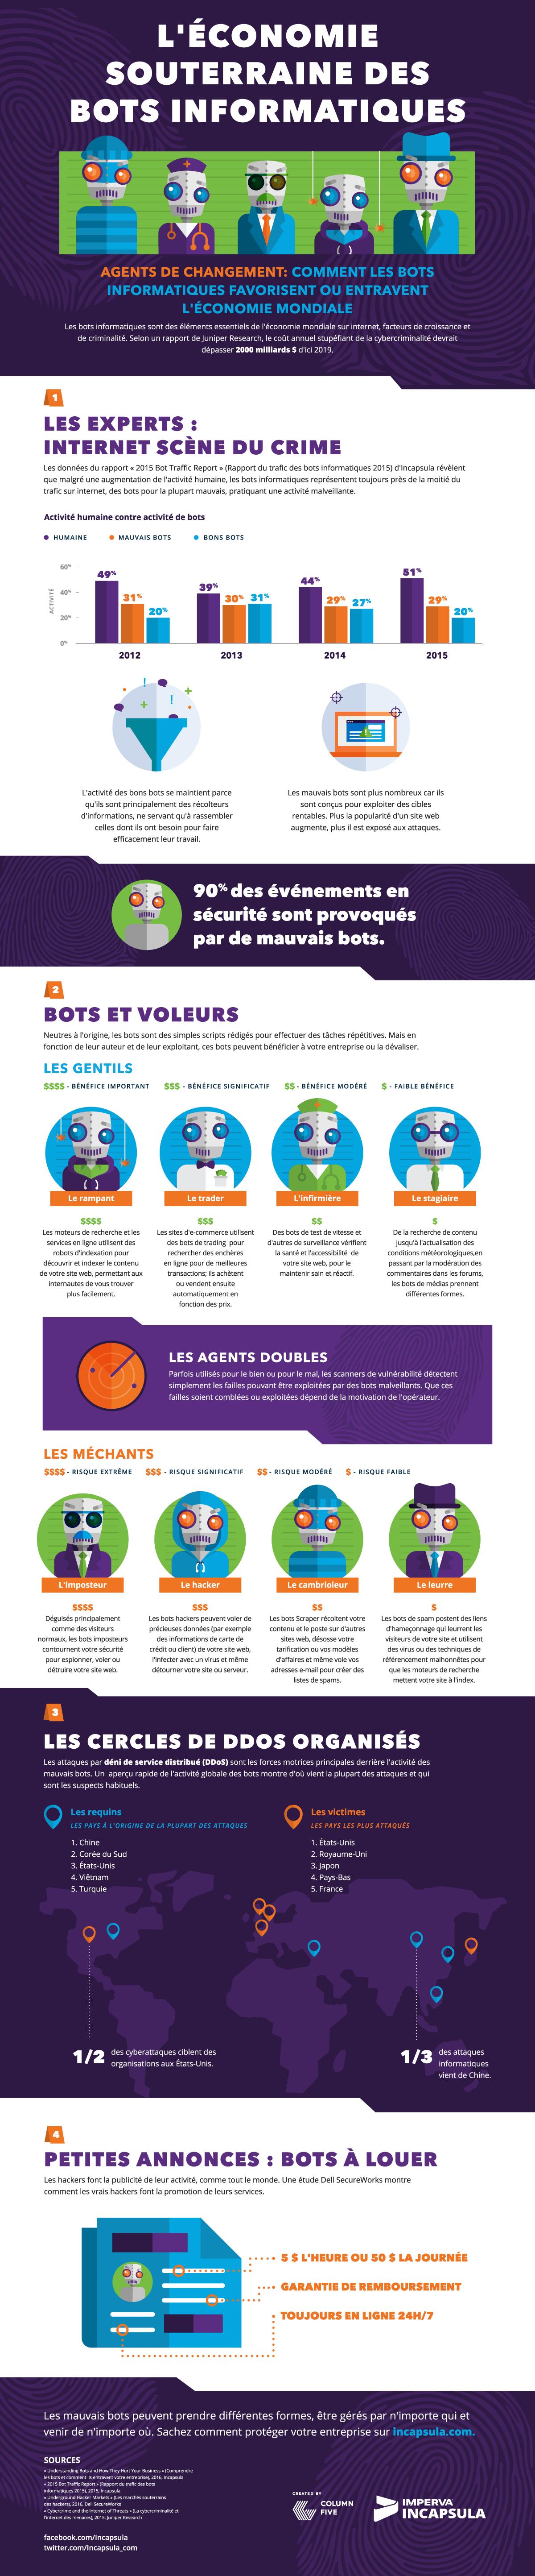 PR012221_Bot_Economy_French_ss